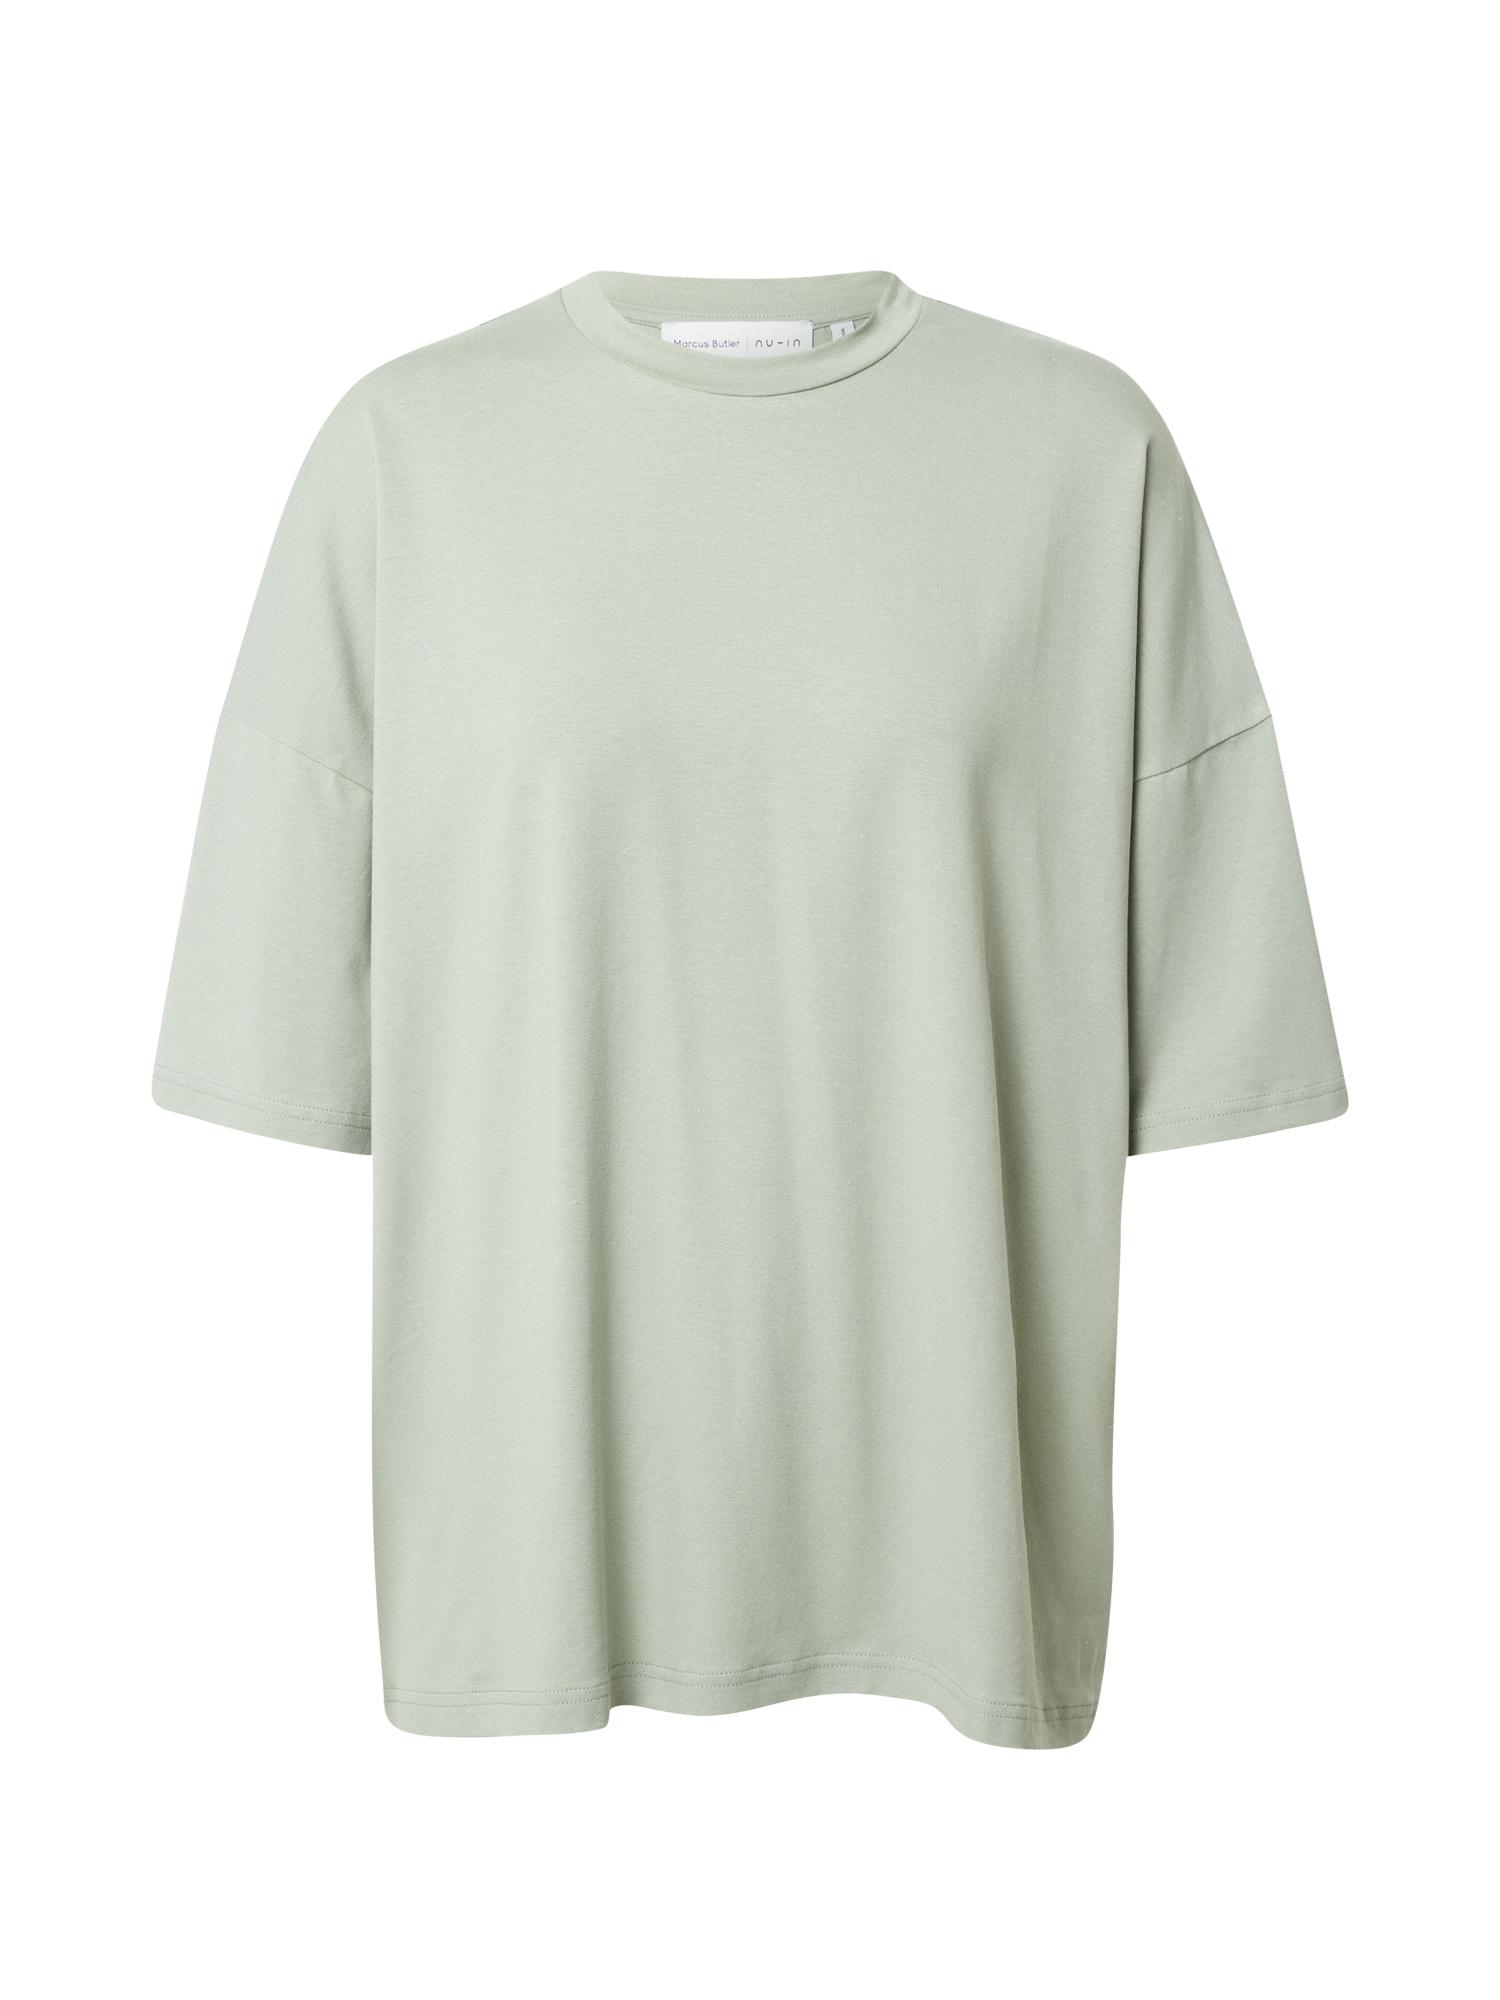 NU-IN Laisvi marškinėliai šviesiai žalia